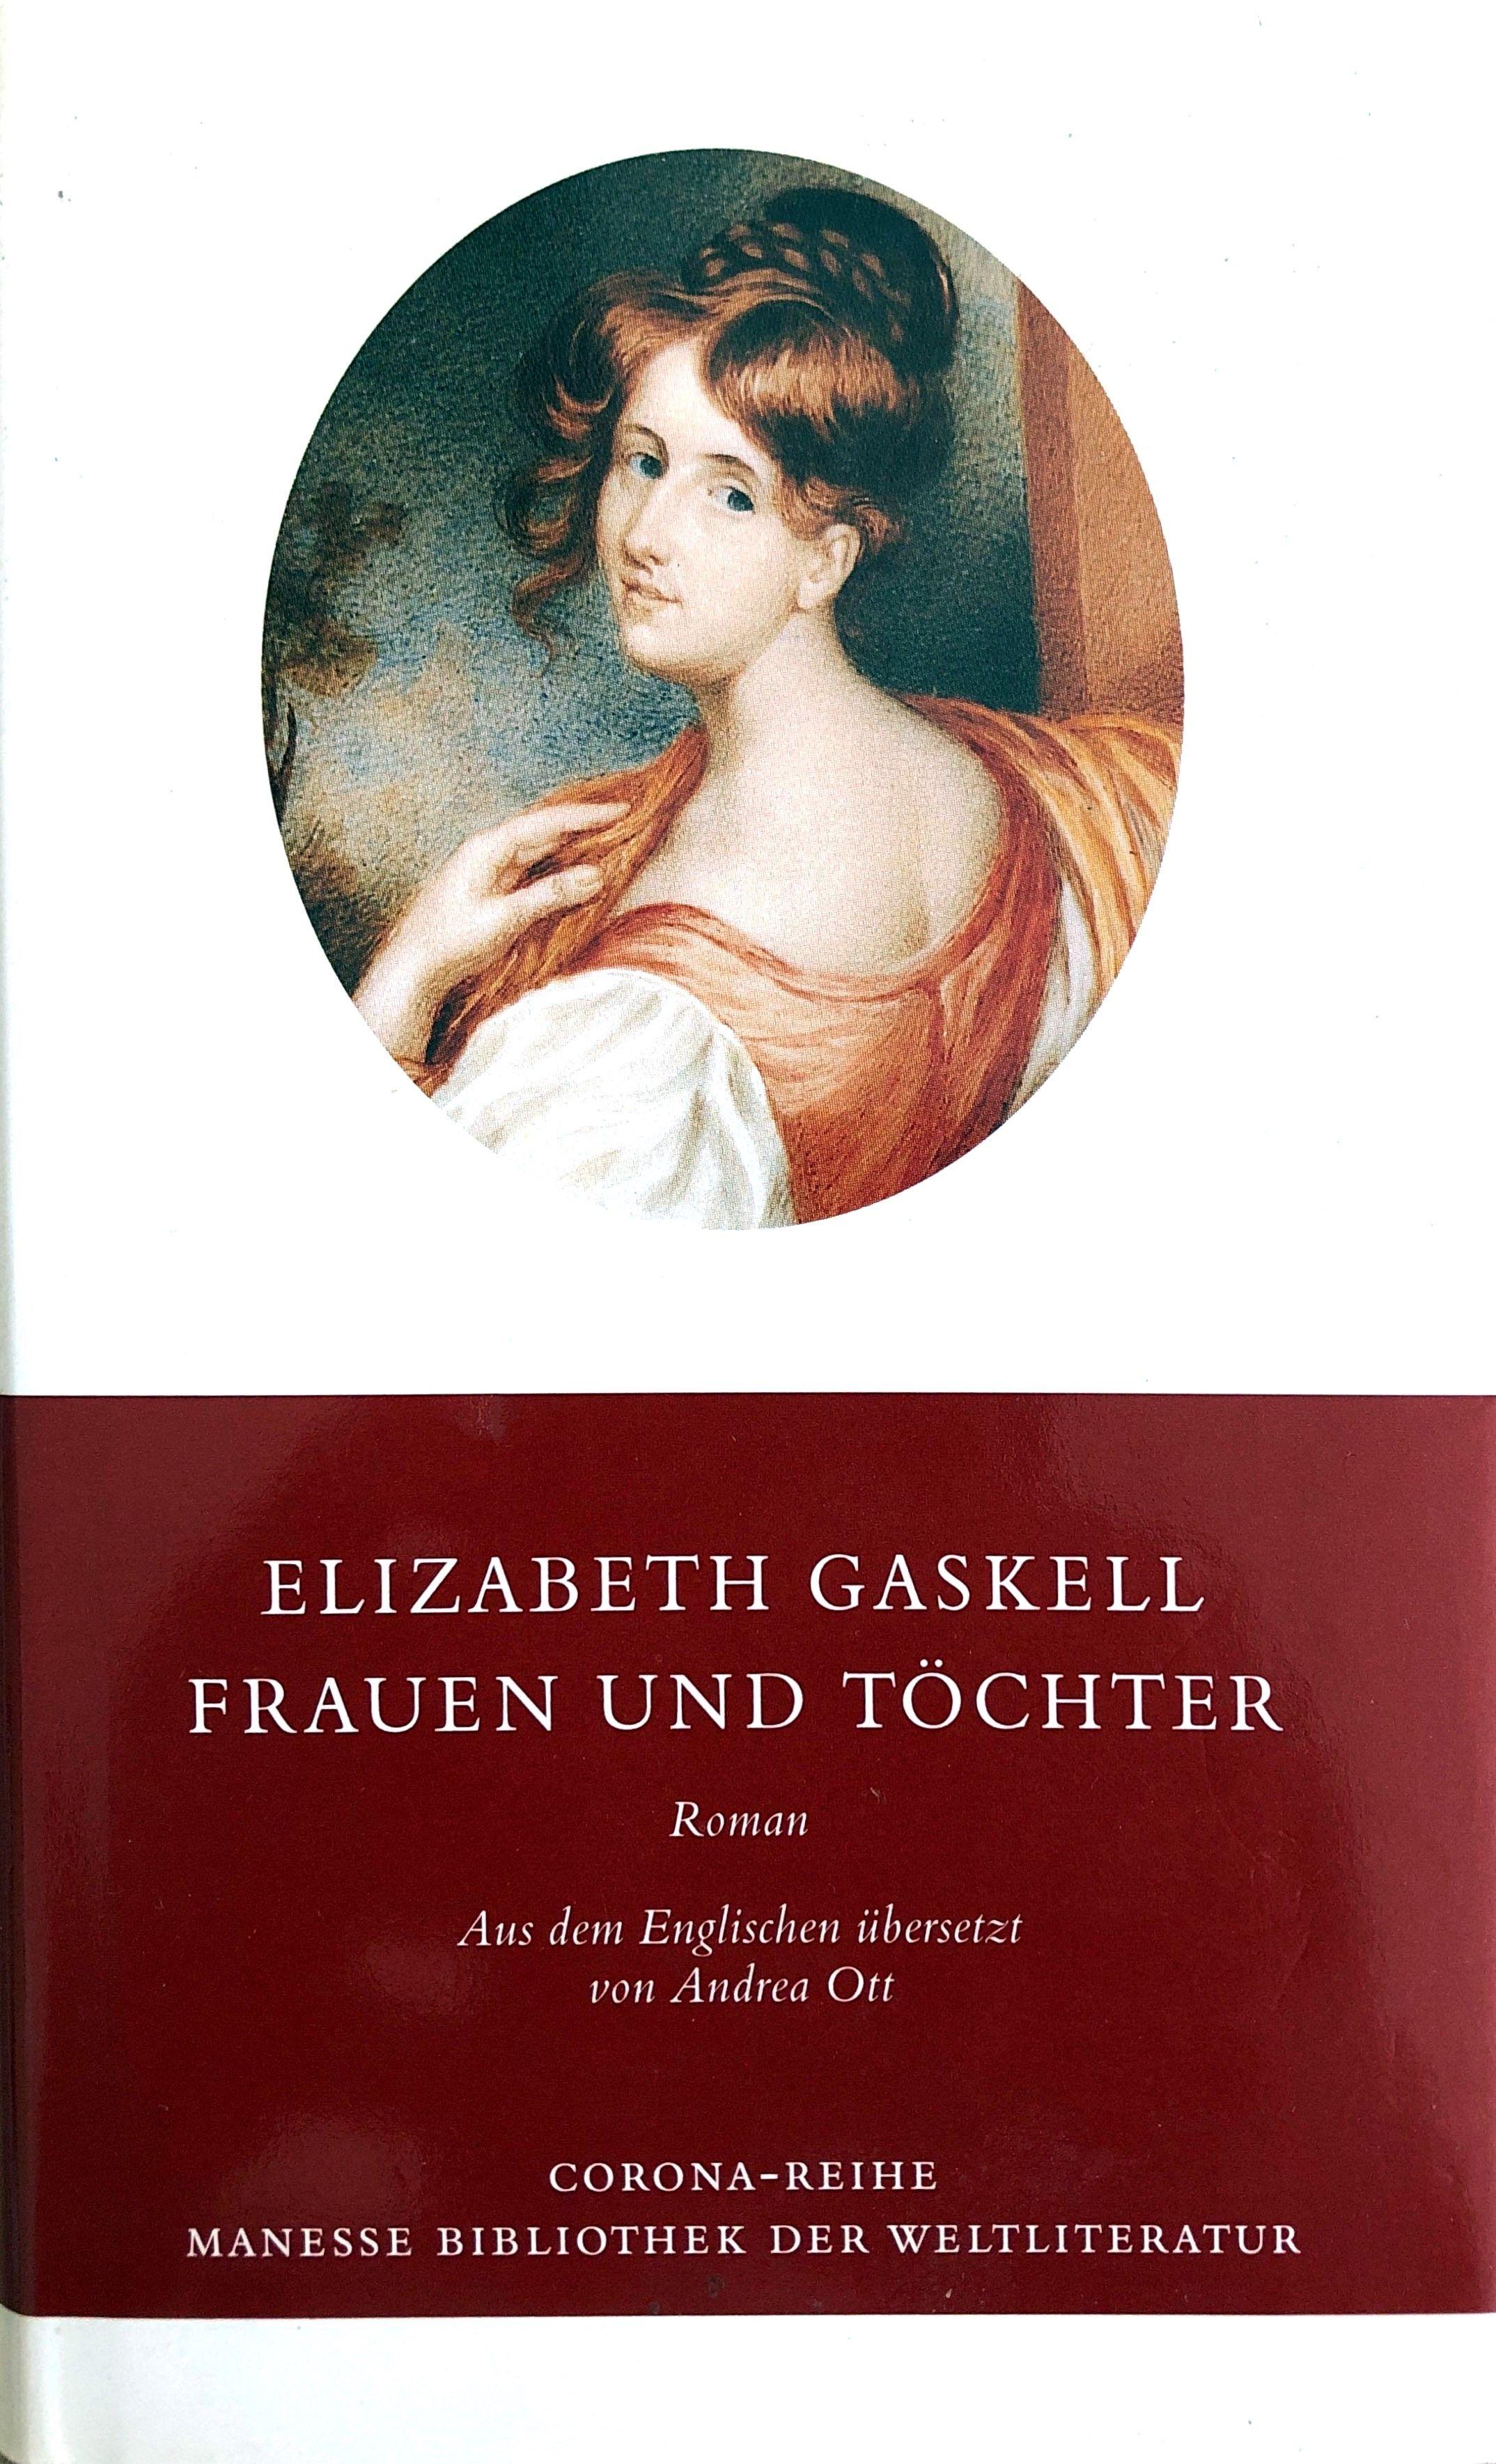 Frauen und Töchter - Roman - Eine alltägliche Geschichte - (= Corona-Reihe) - Gaskell, Elizabeth